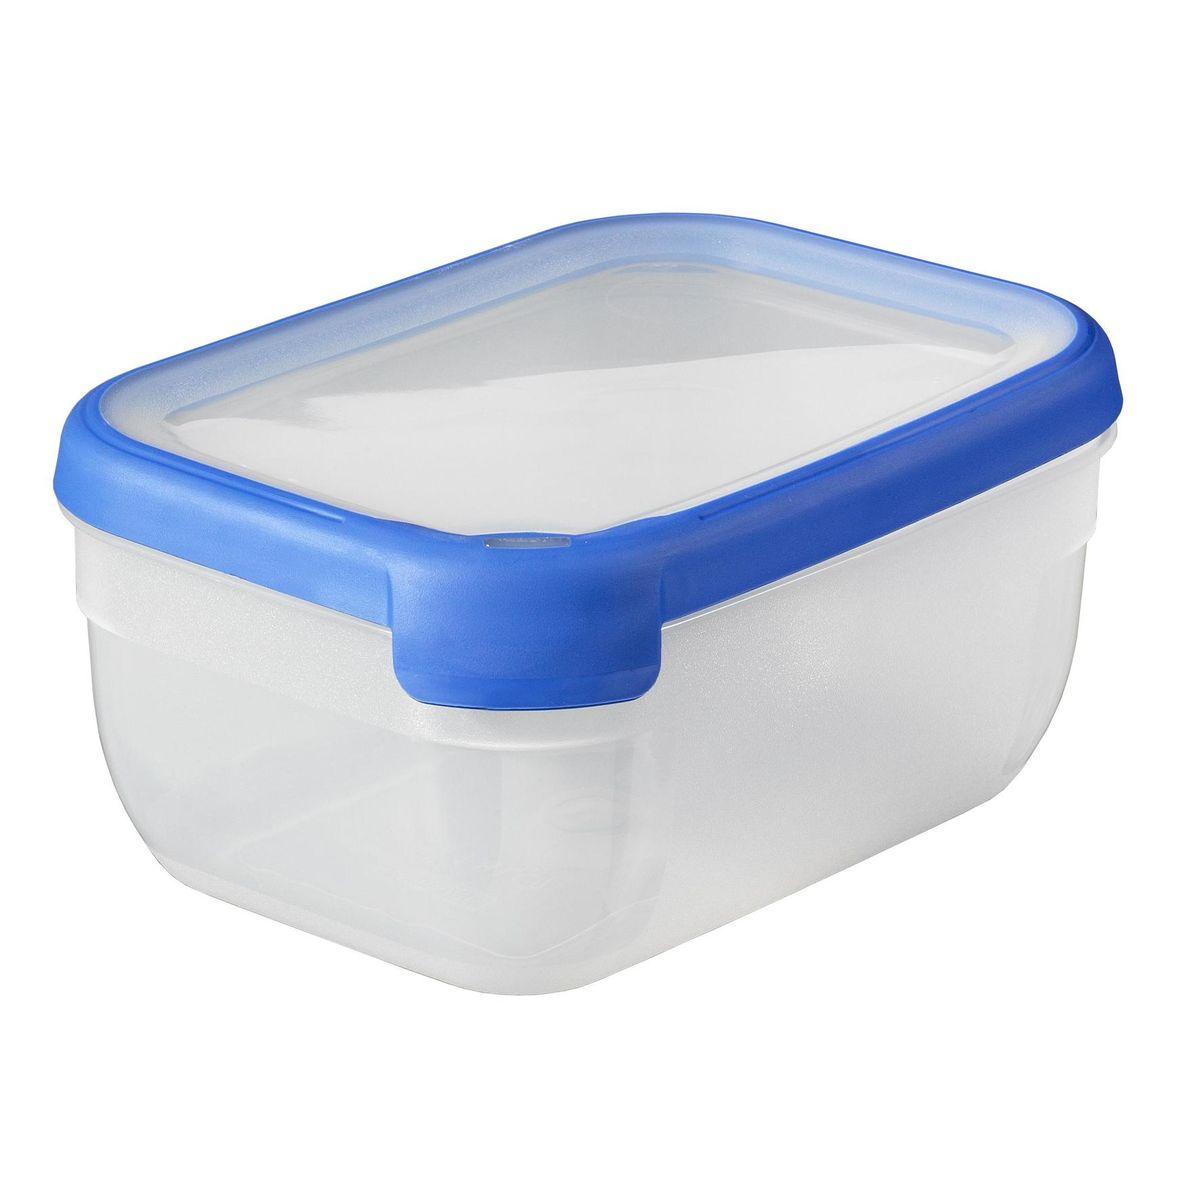 Curver Rechthoekige vershouddoos 1,8L - Transparant / Blauw